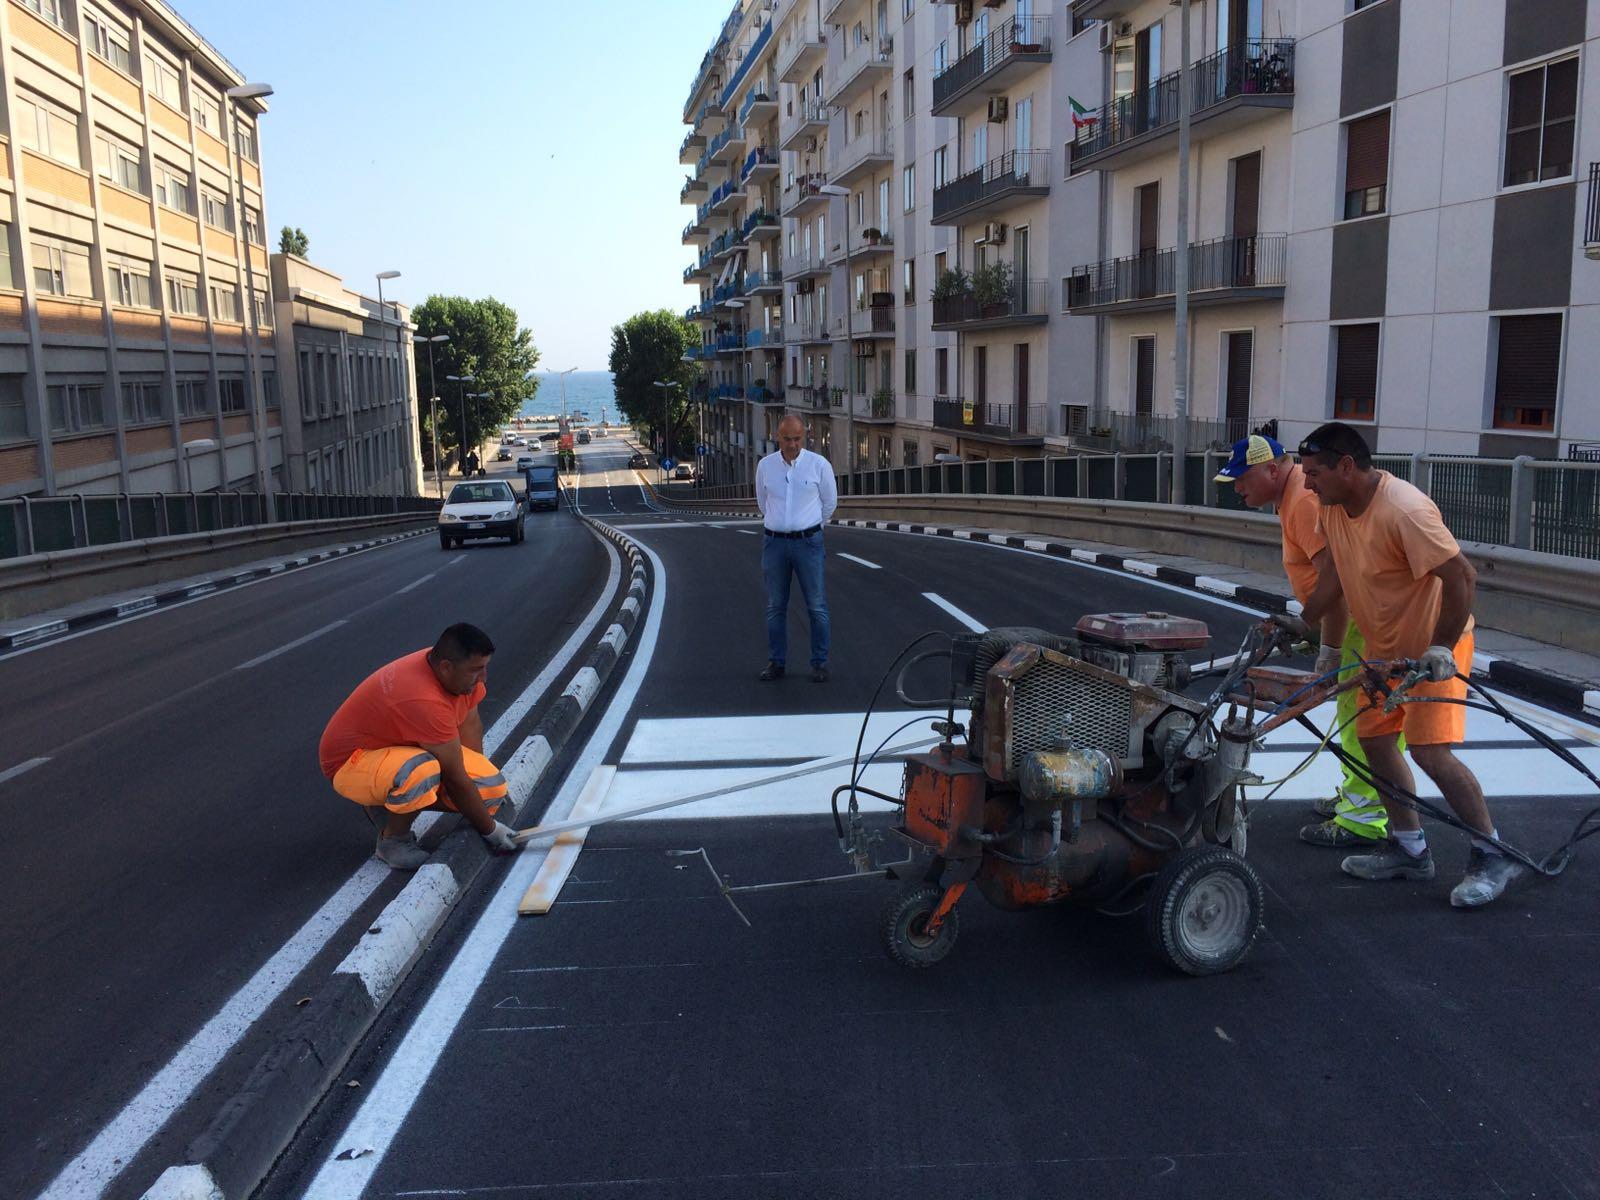 Bari, apre in anticipo il Ponte di Via Di Vagno. Presto chiuderà per lavori il ponte di Corso Cavour